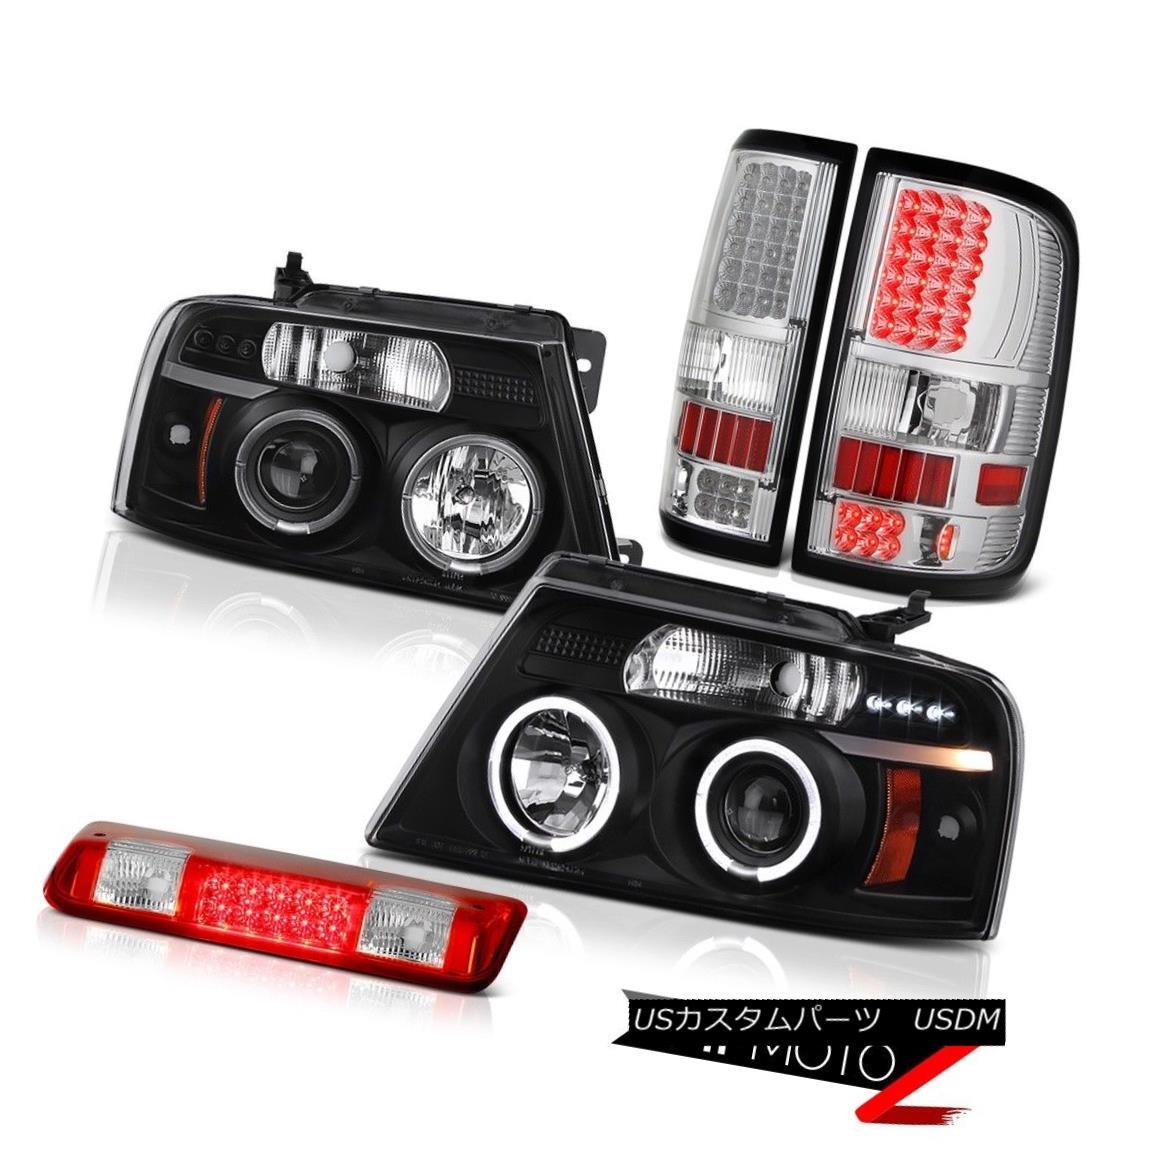 テールライト 04-08 Ford F150 XLT 3rd Brake Light Taillights Headlights Halo Rim